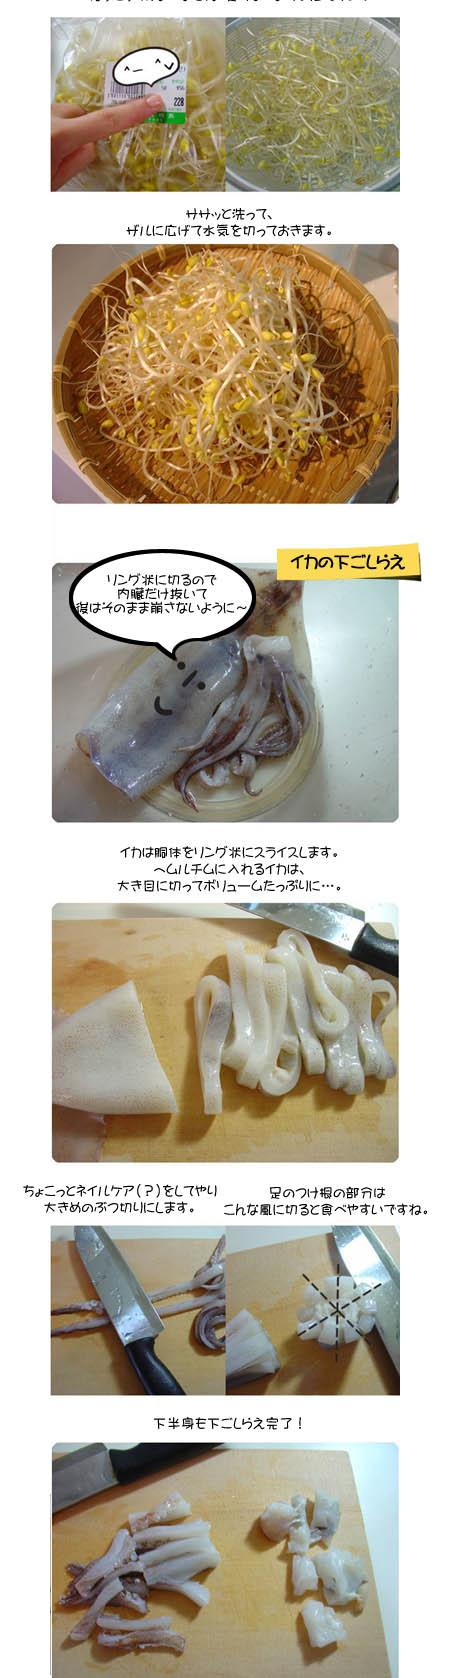 ヘムルチム(海鮮蒸し)